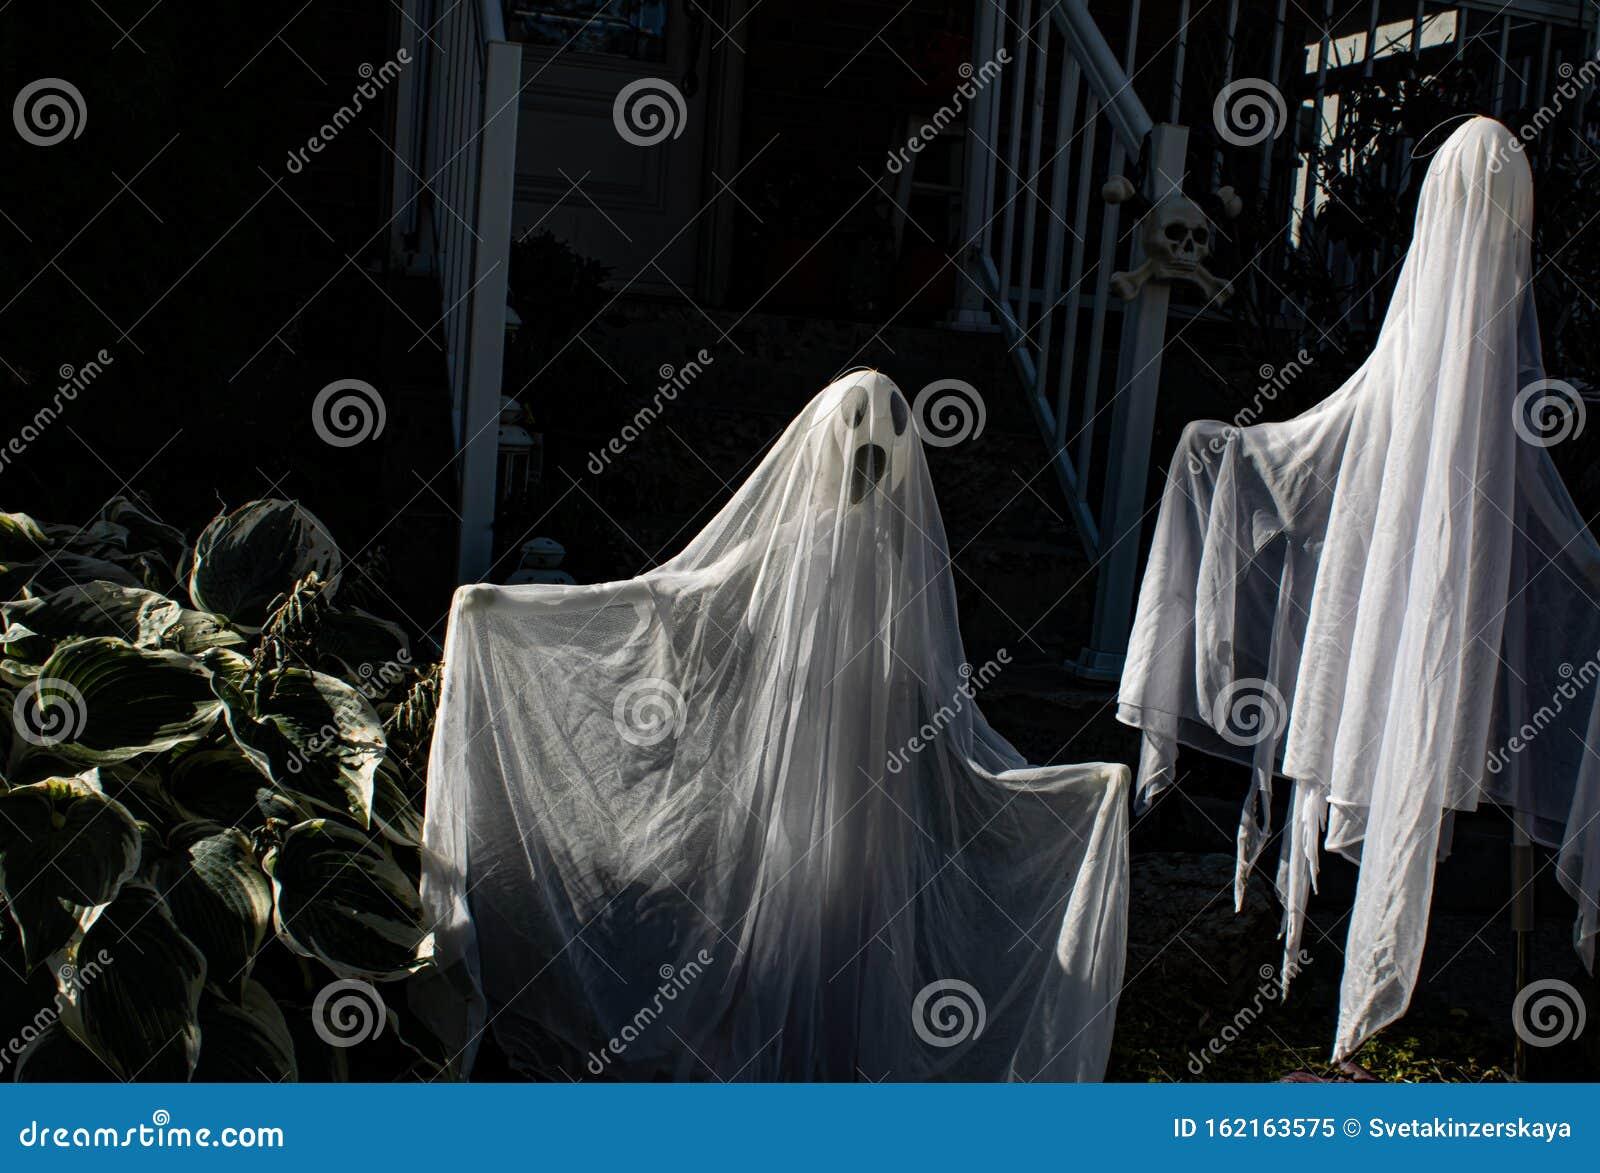 Halloween Dekoration An Den Hausturen Gruselige Geister Im Dunklen Treppenhaus Schreckliche Dekoration Stockbild Bild Von Geister Dekoration 162163575